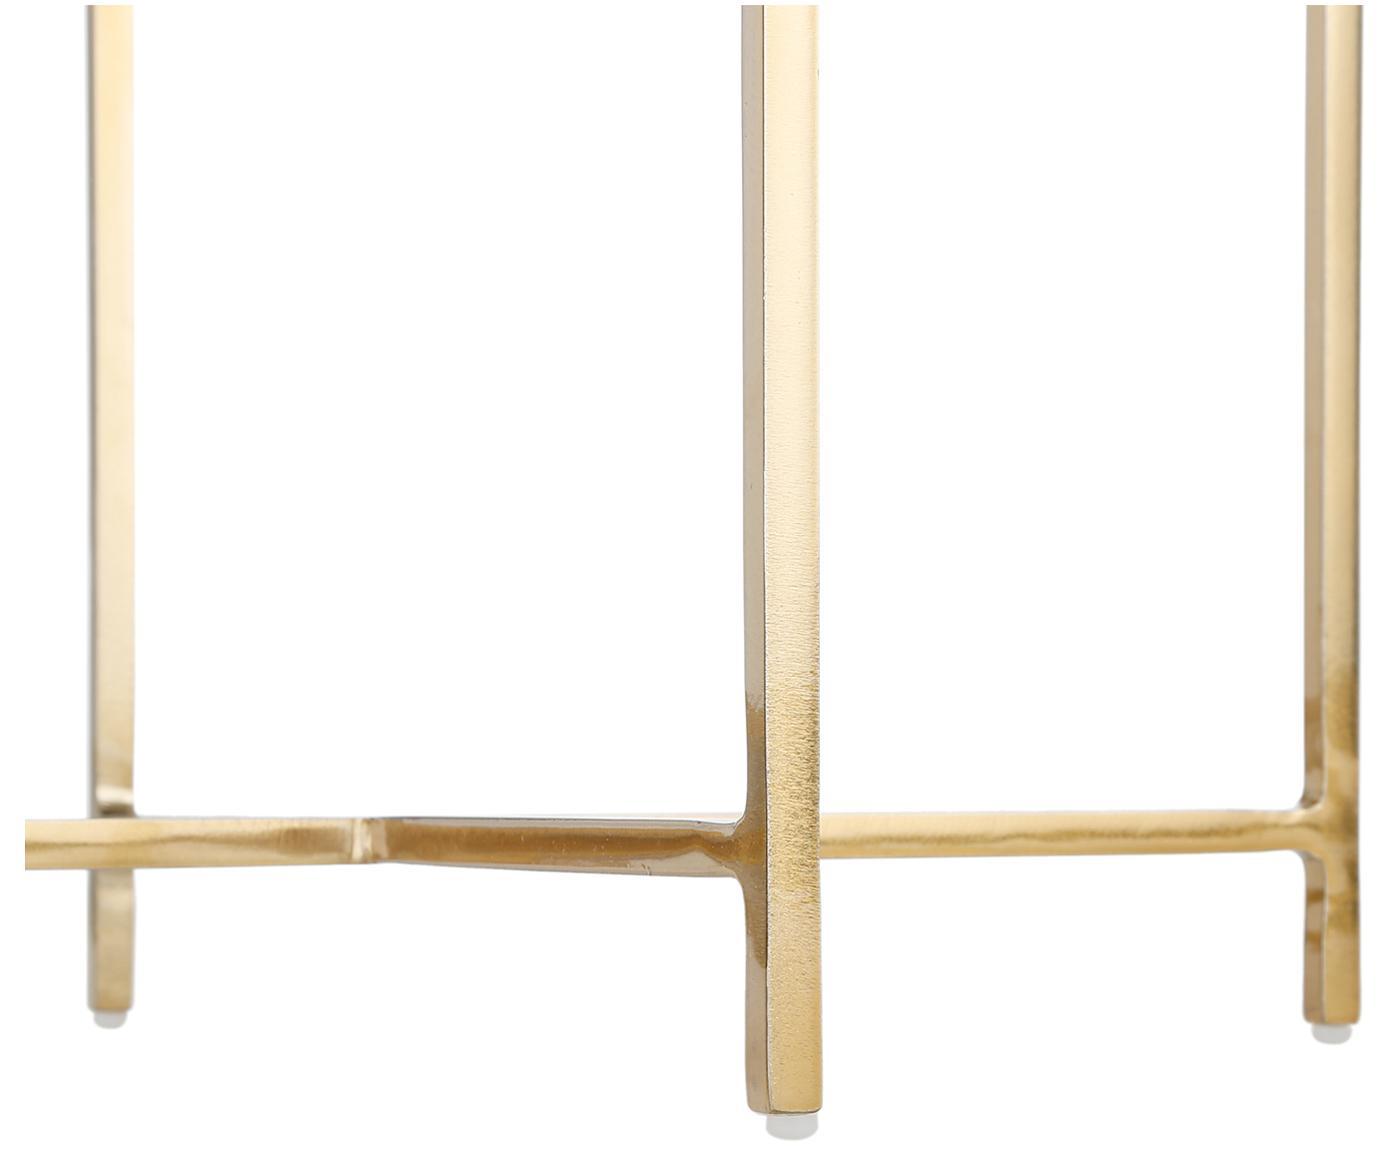 Stołek z aksamitu Madeleine, Tapicerka: aksamit bawełniany, Noga: metal malowany proszkowo, Tapicerka: ciemny szary Noga: odcienie złotego, matowy, Ø 40 x W 50 cm